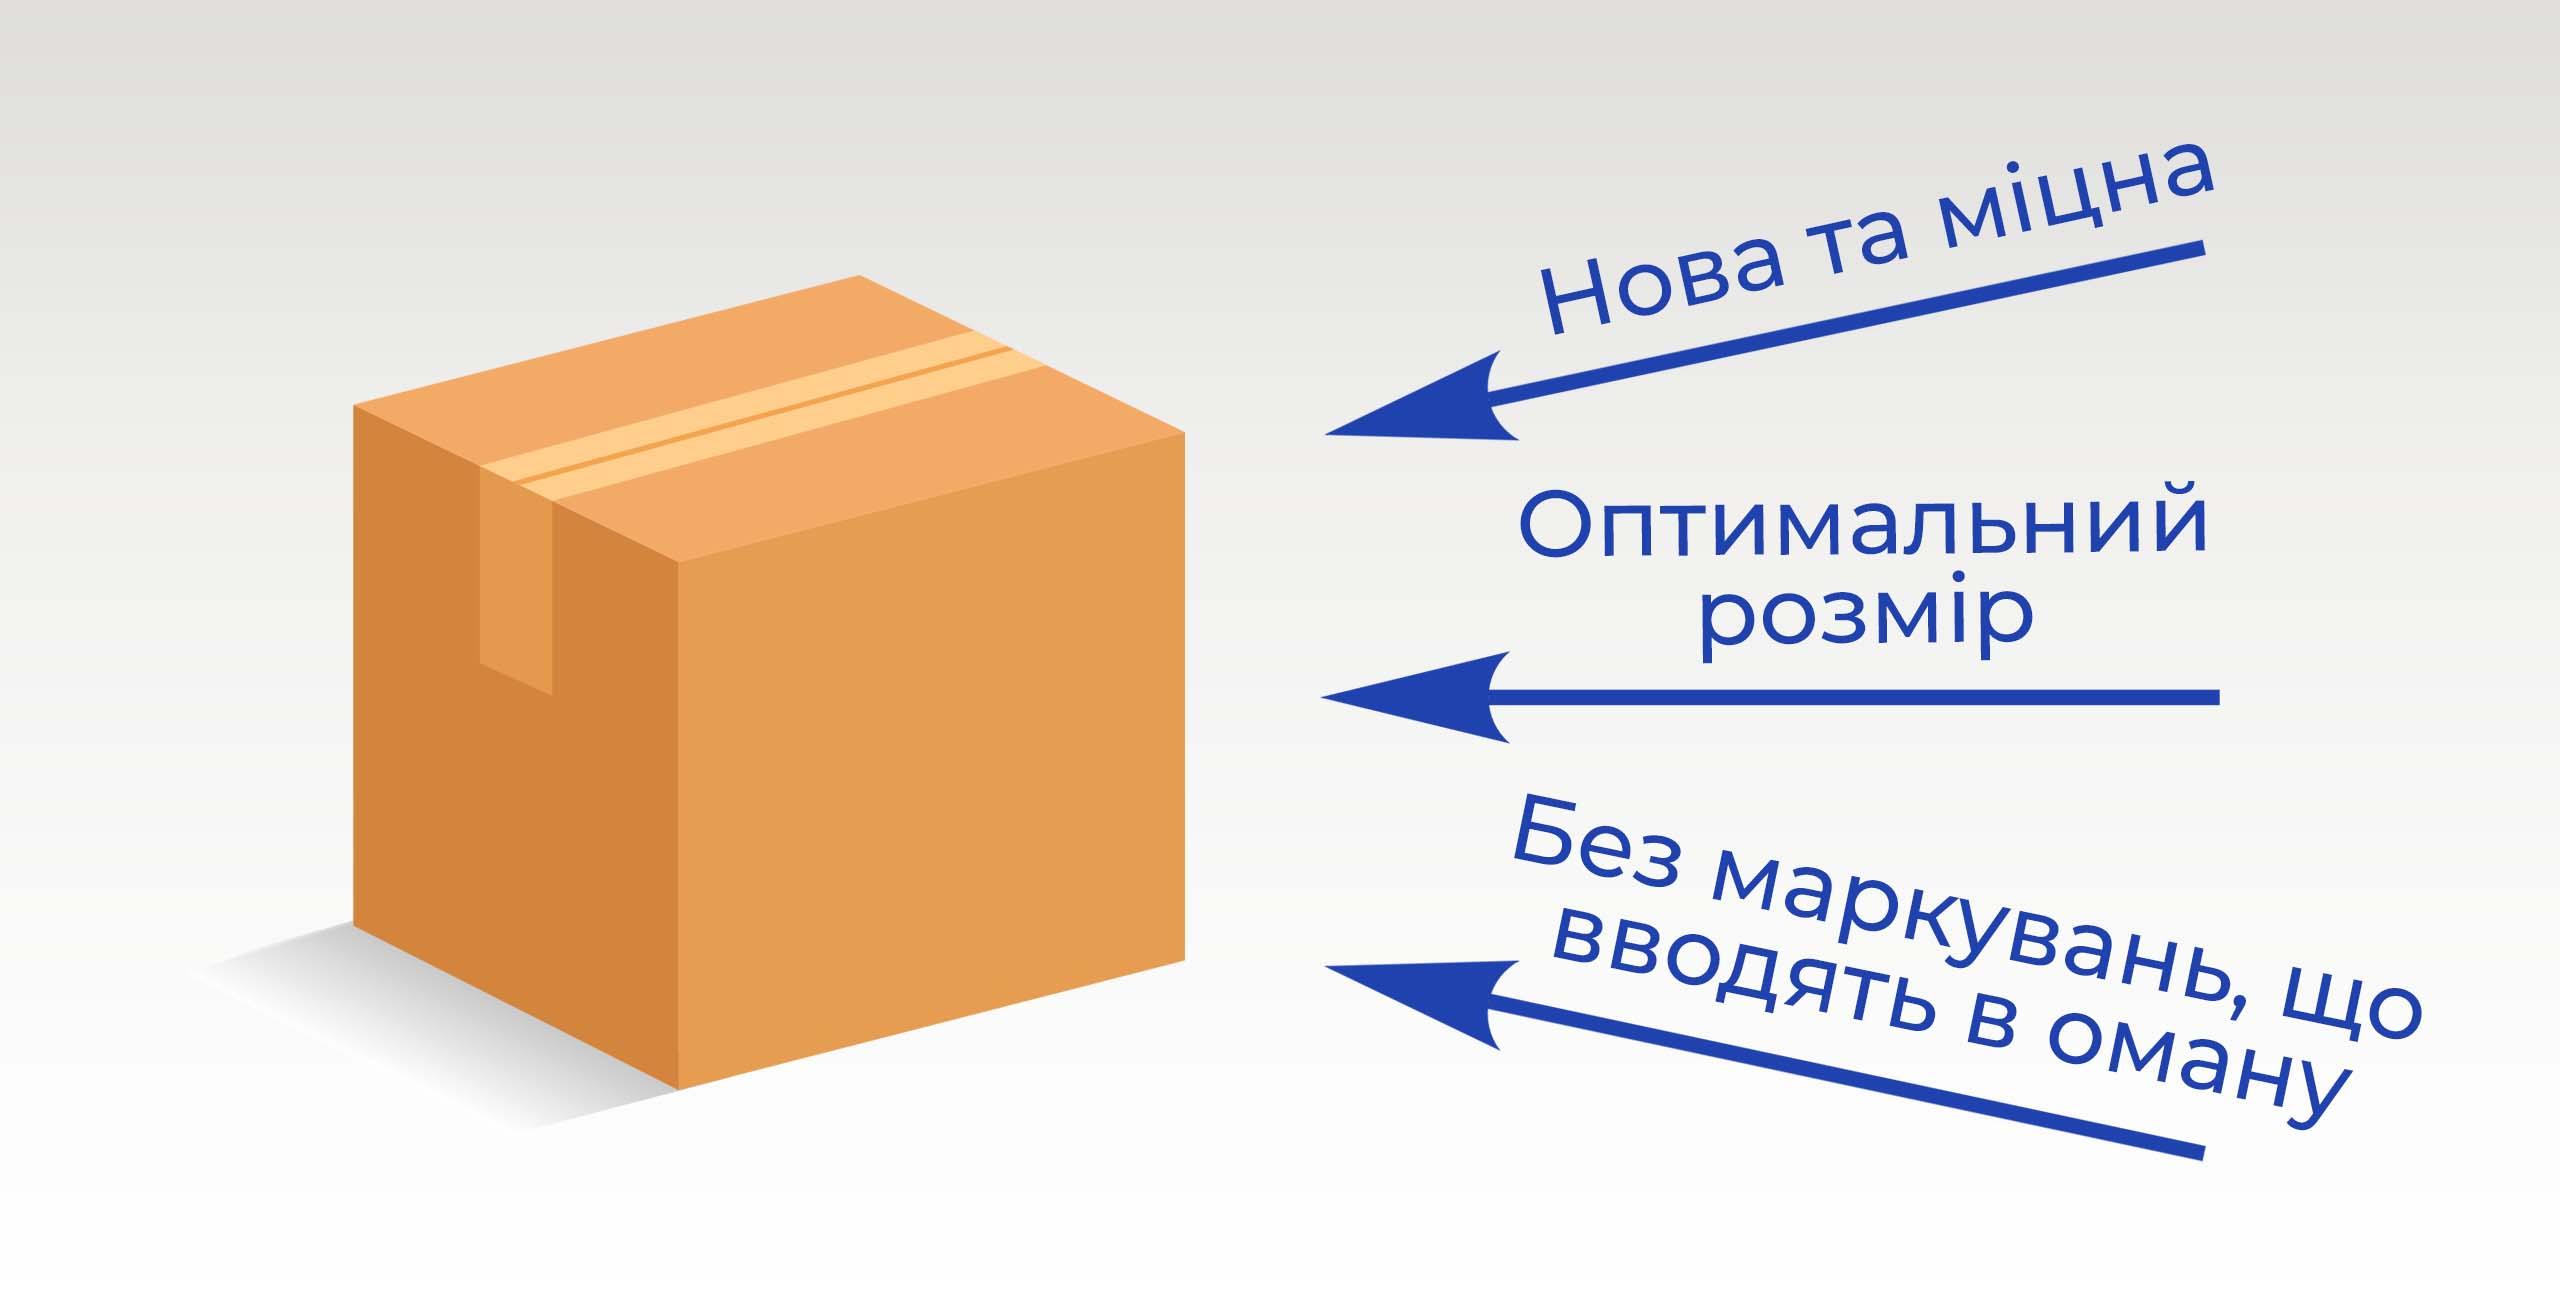 міжнародної доставки